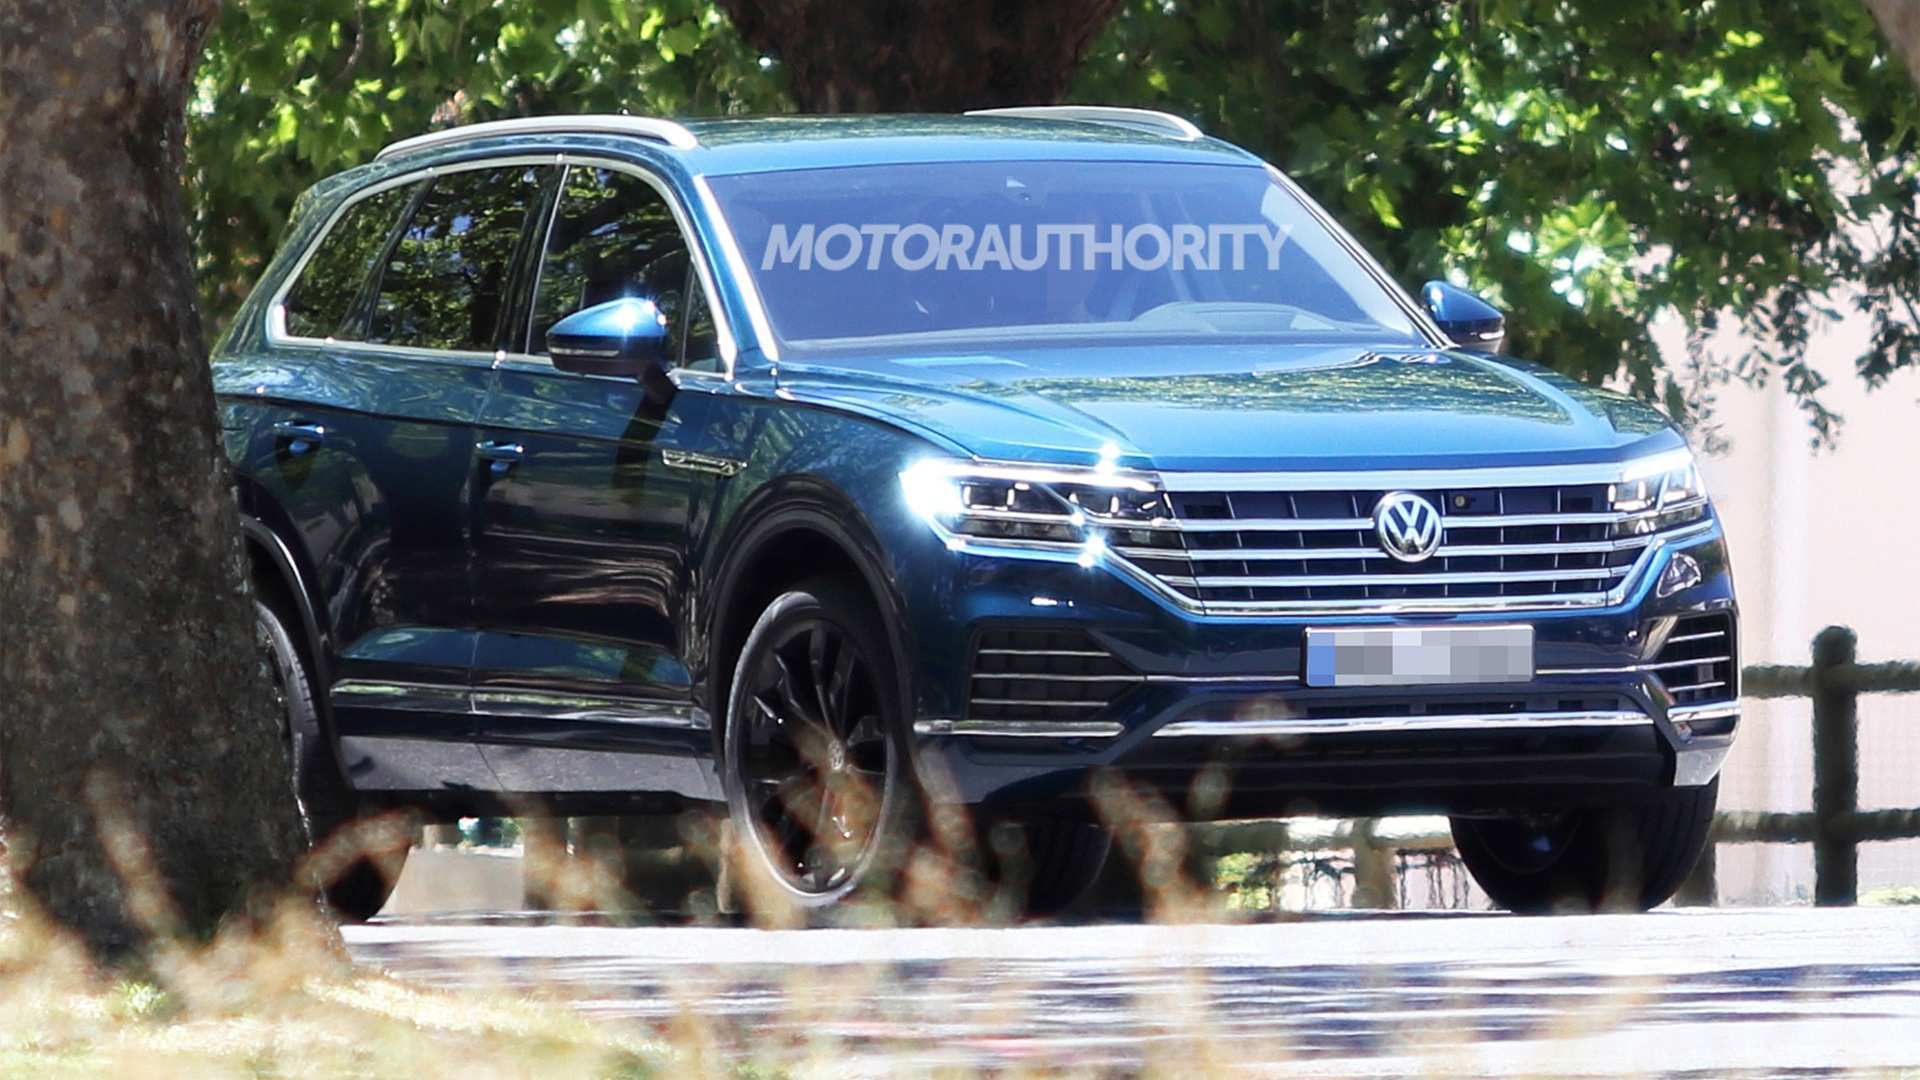 21 Great 2020 VW Touareg Redesign by 2020 VW Touareg